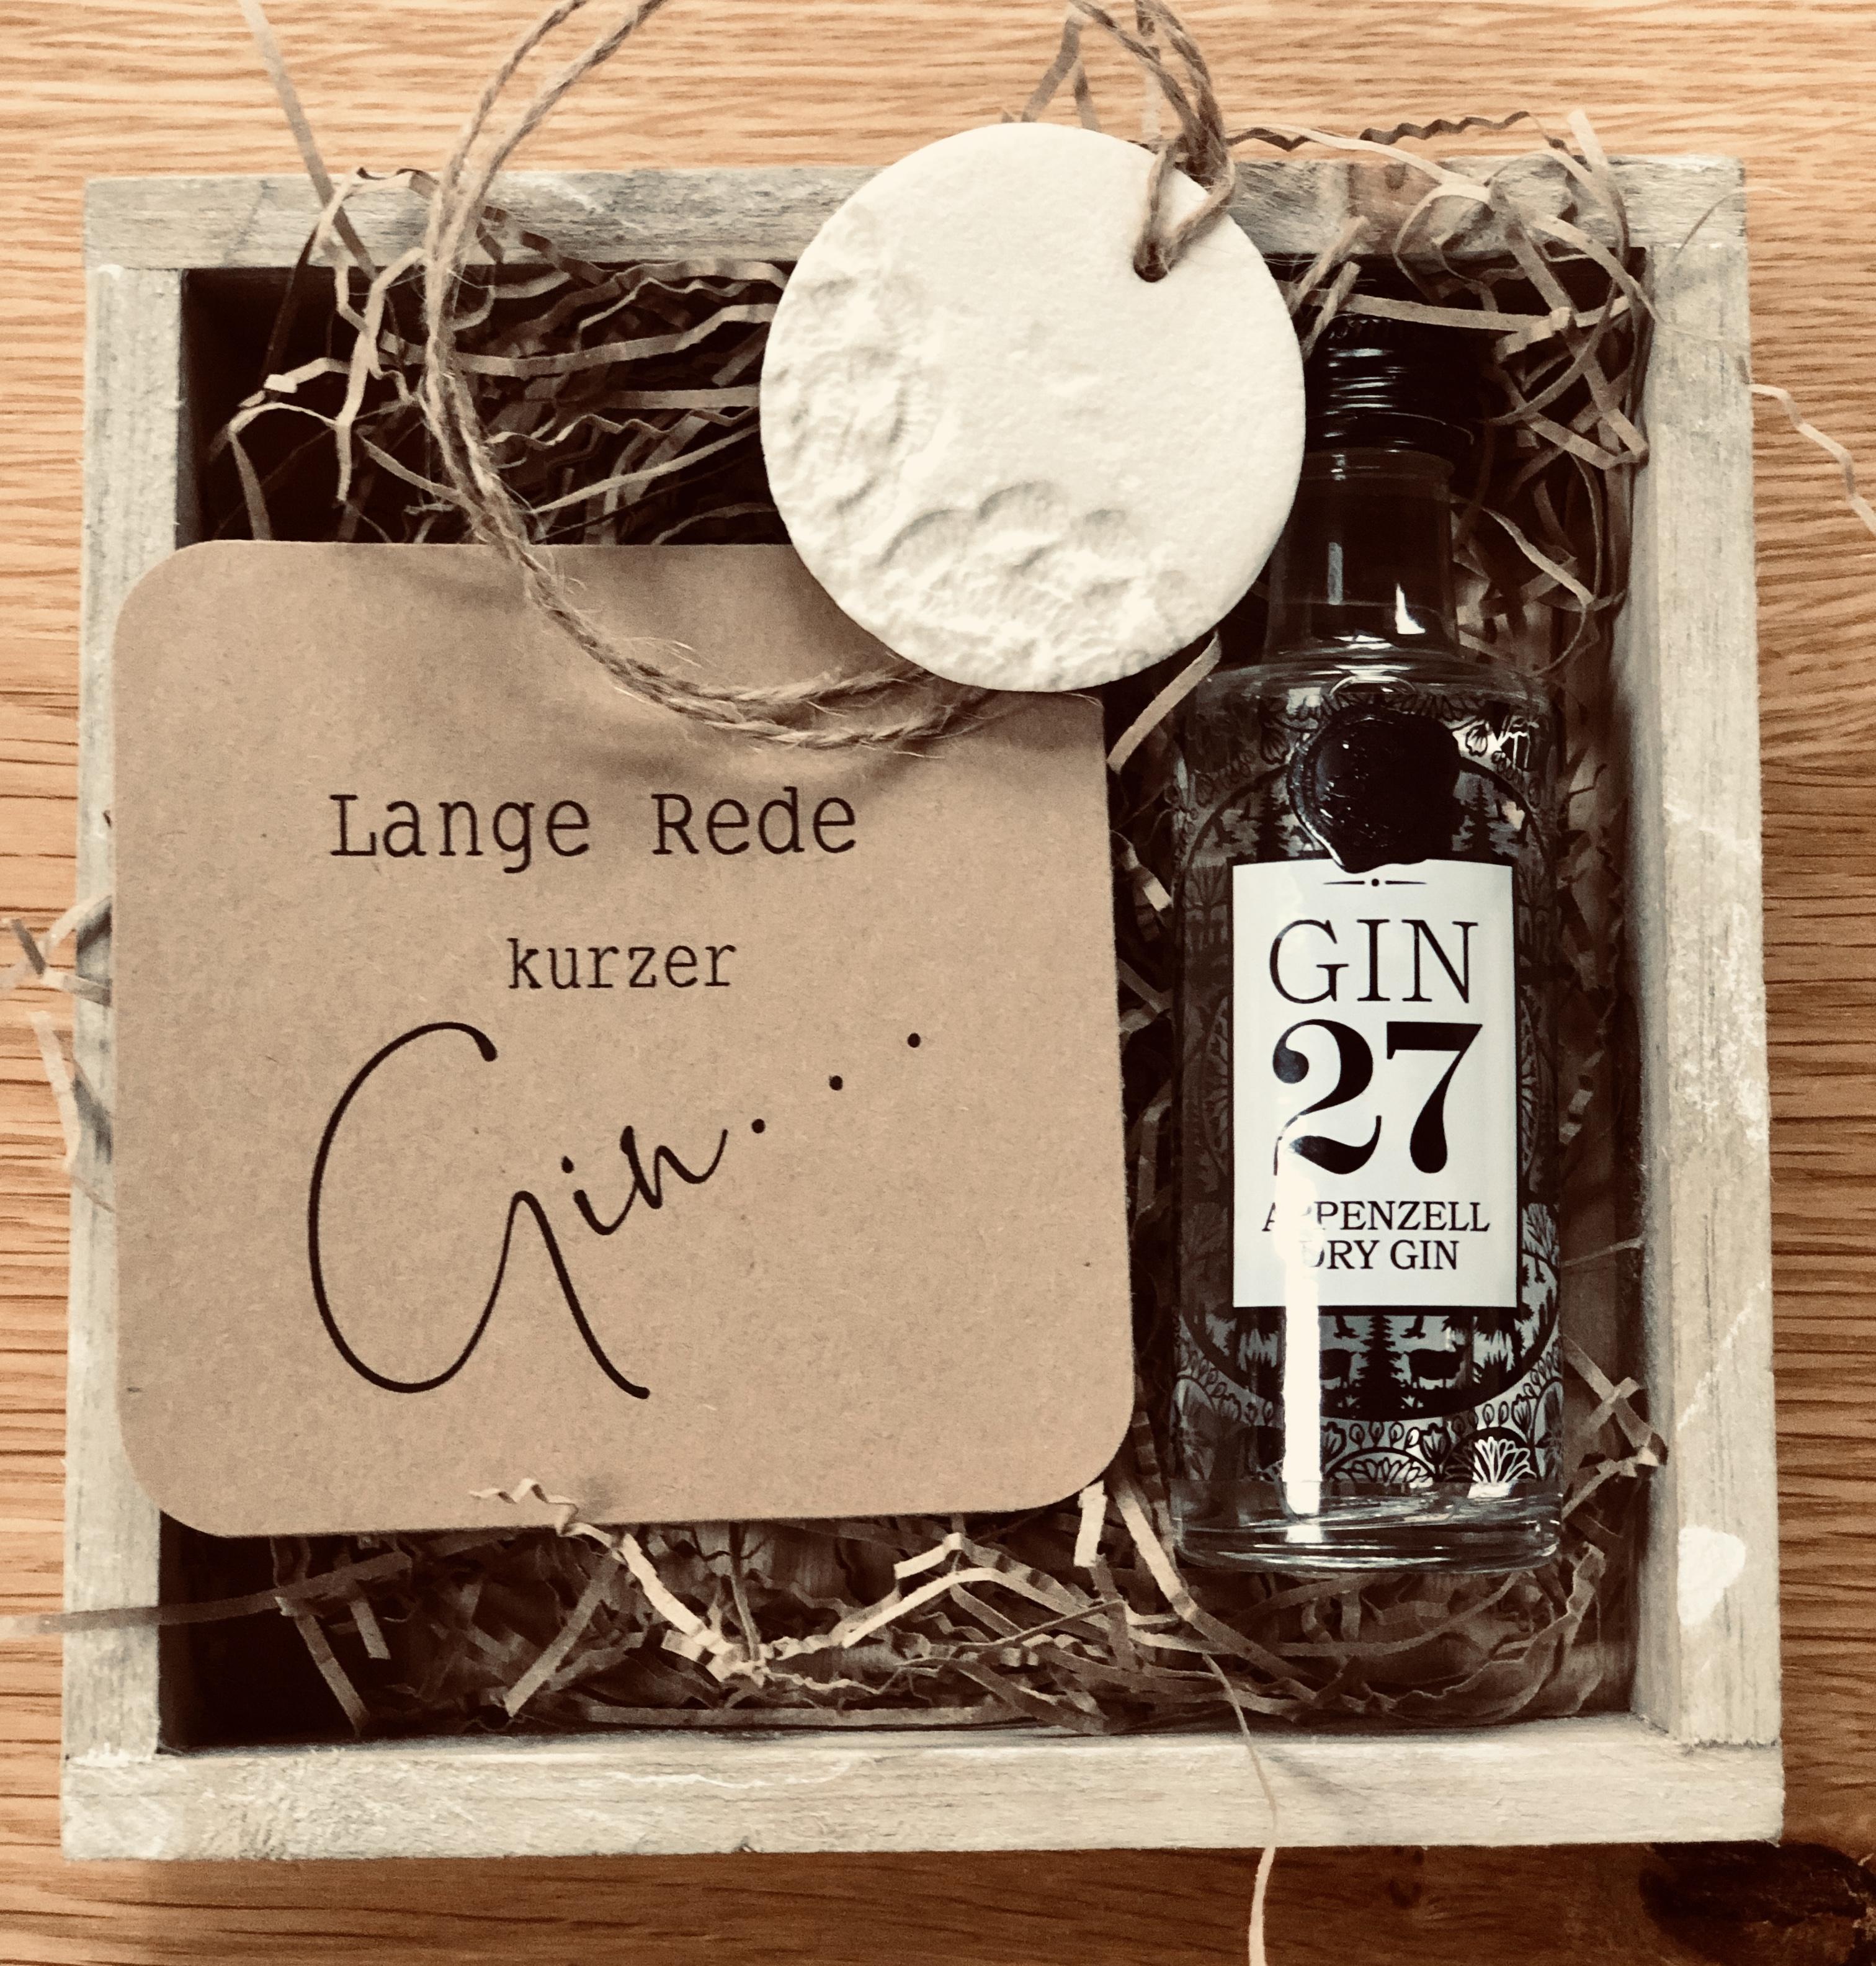 Gin Gin!